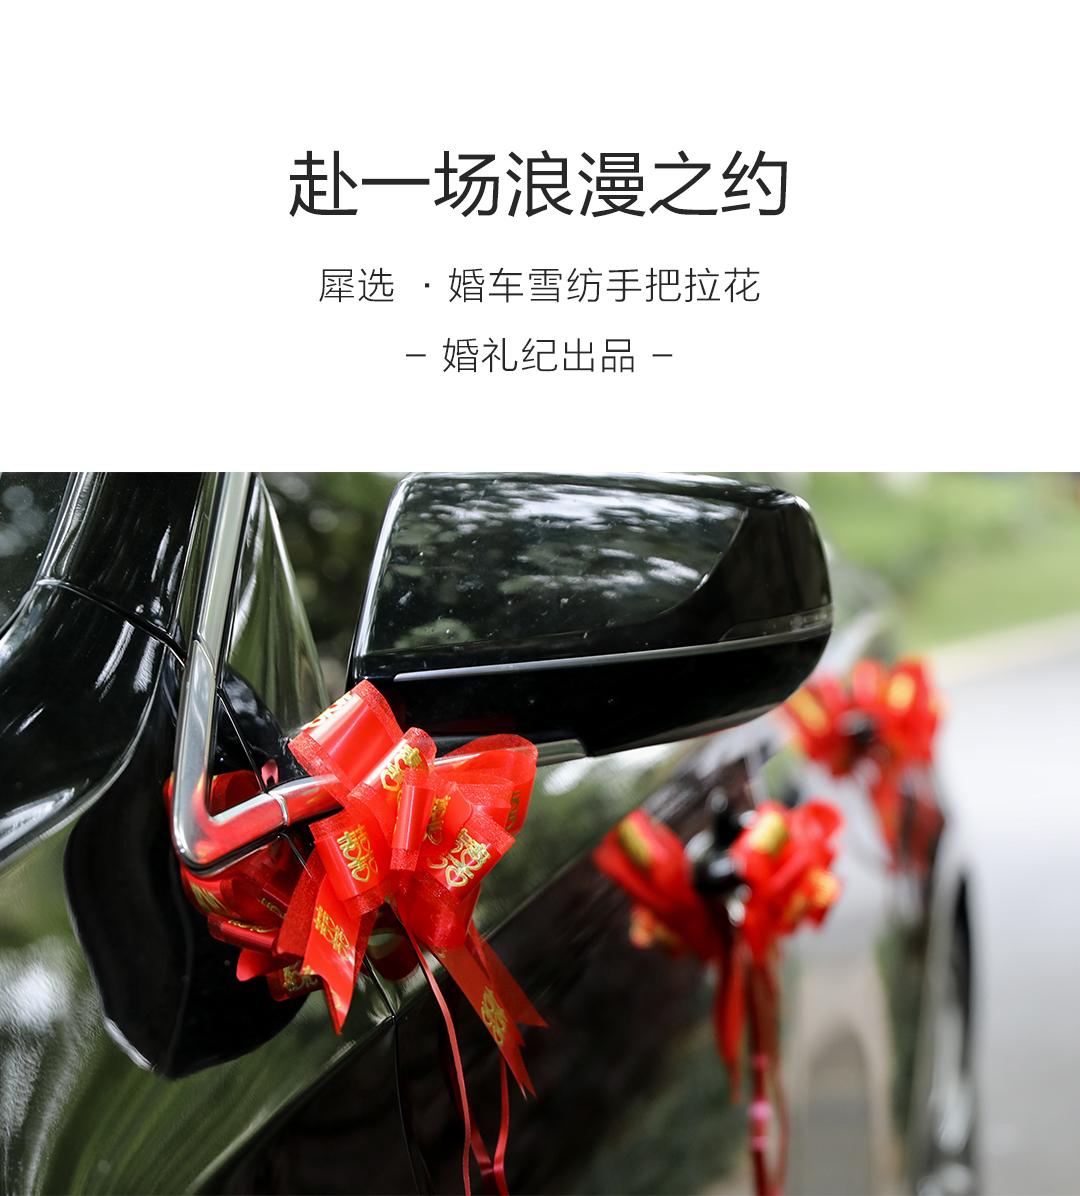 【10个装】婚车装饰雪纺烫金喜字手拉花